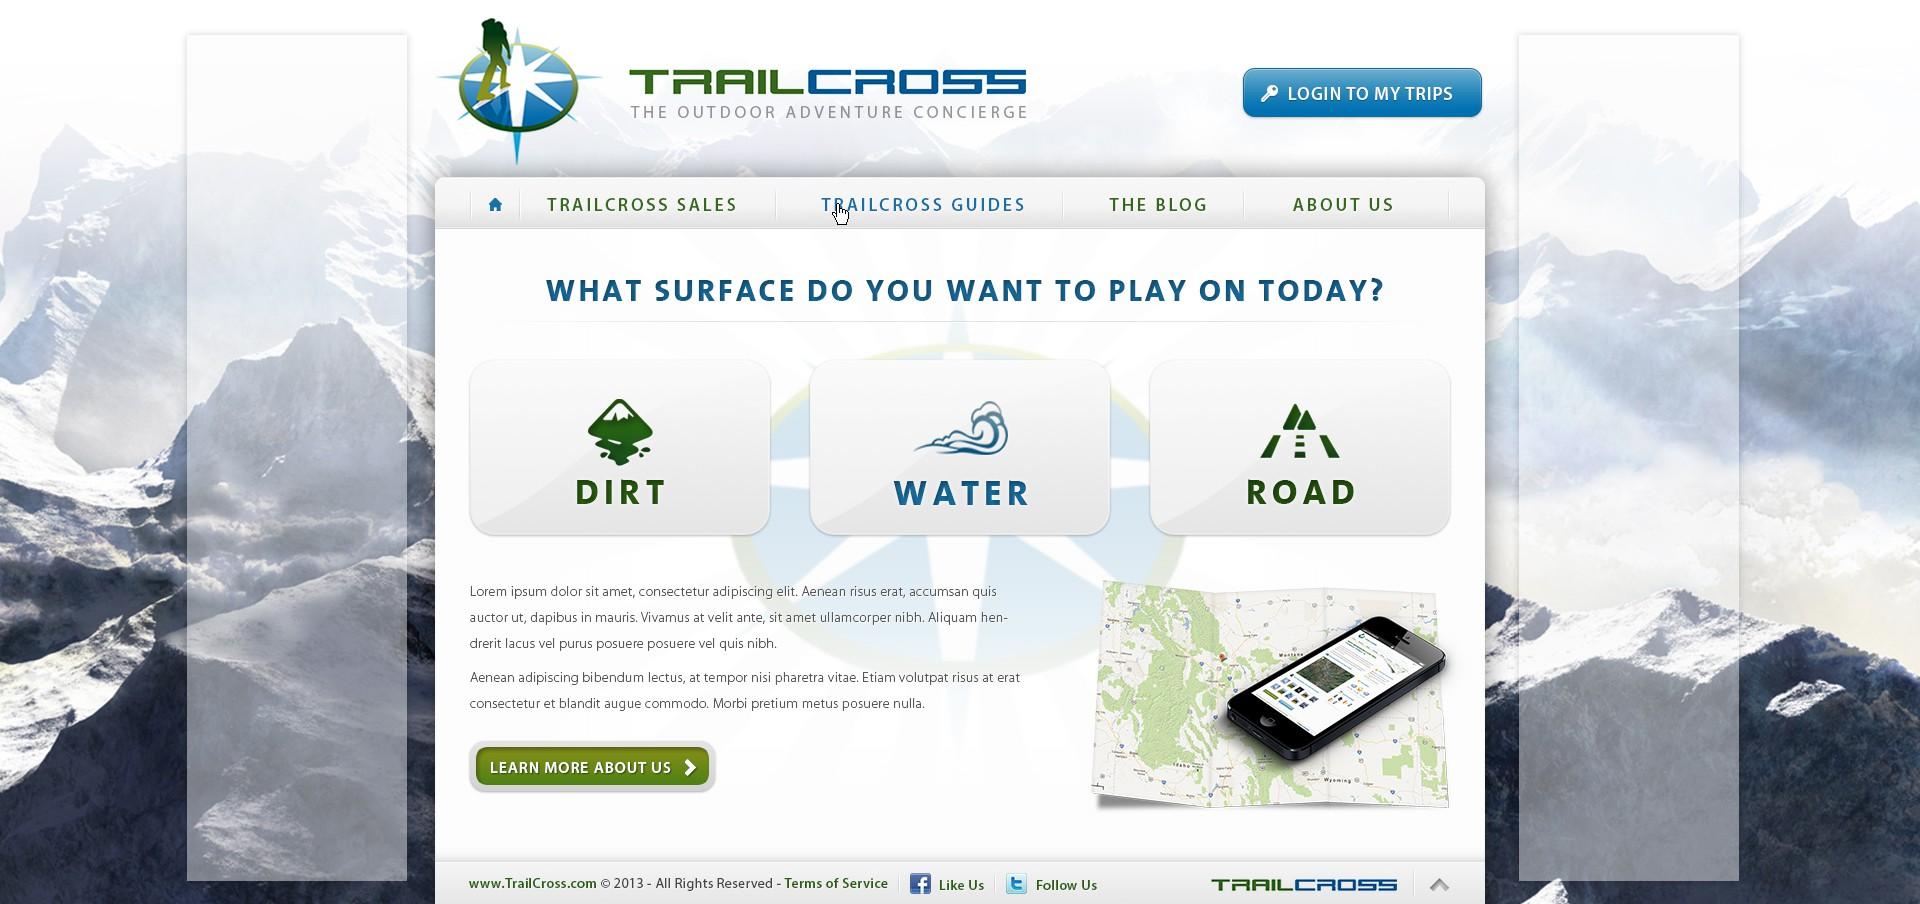 website or app design for TrailCross.com